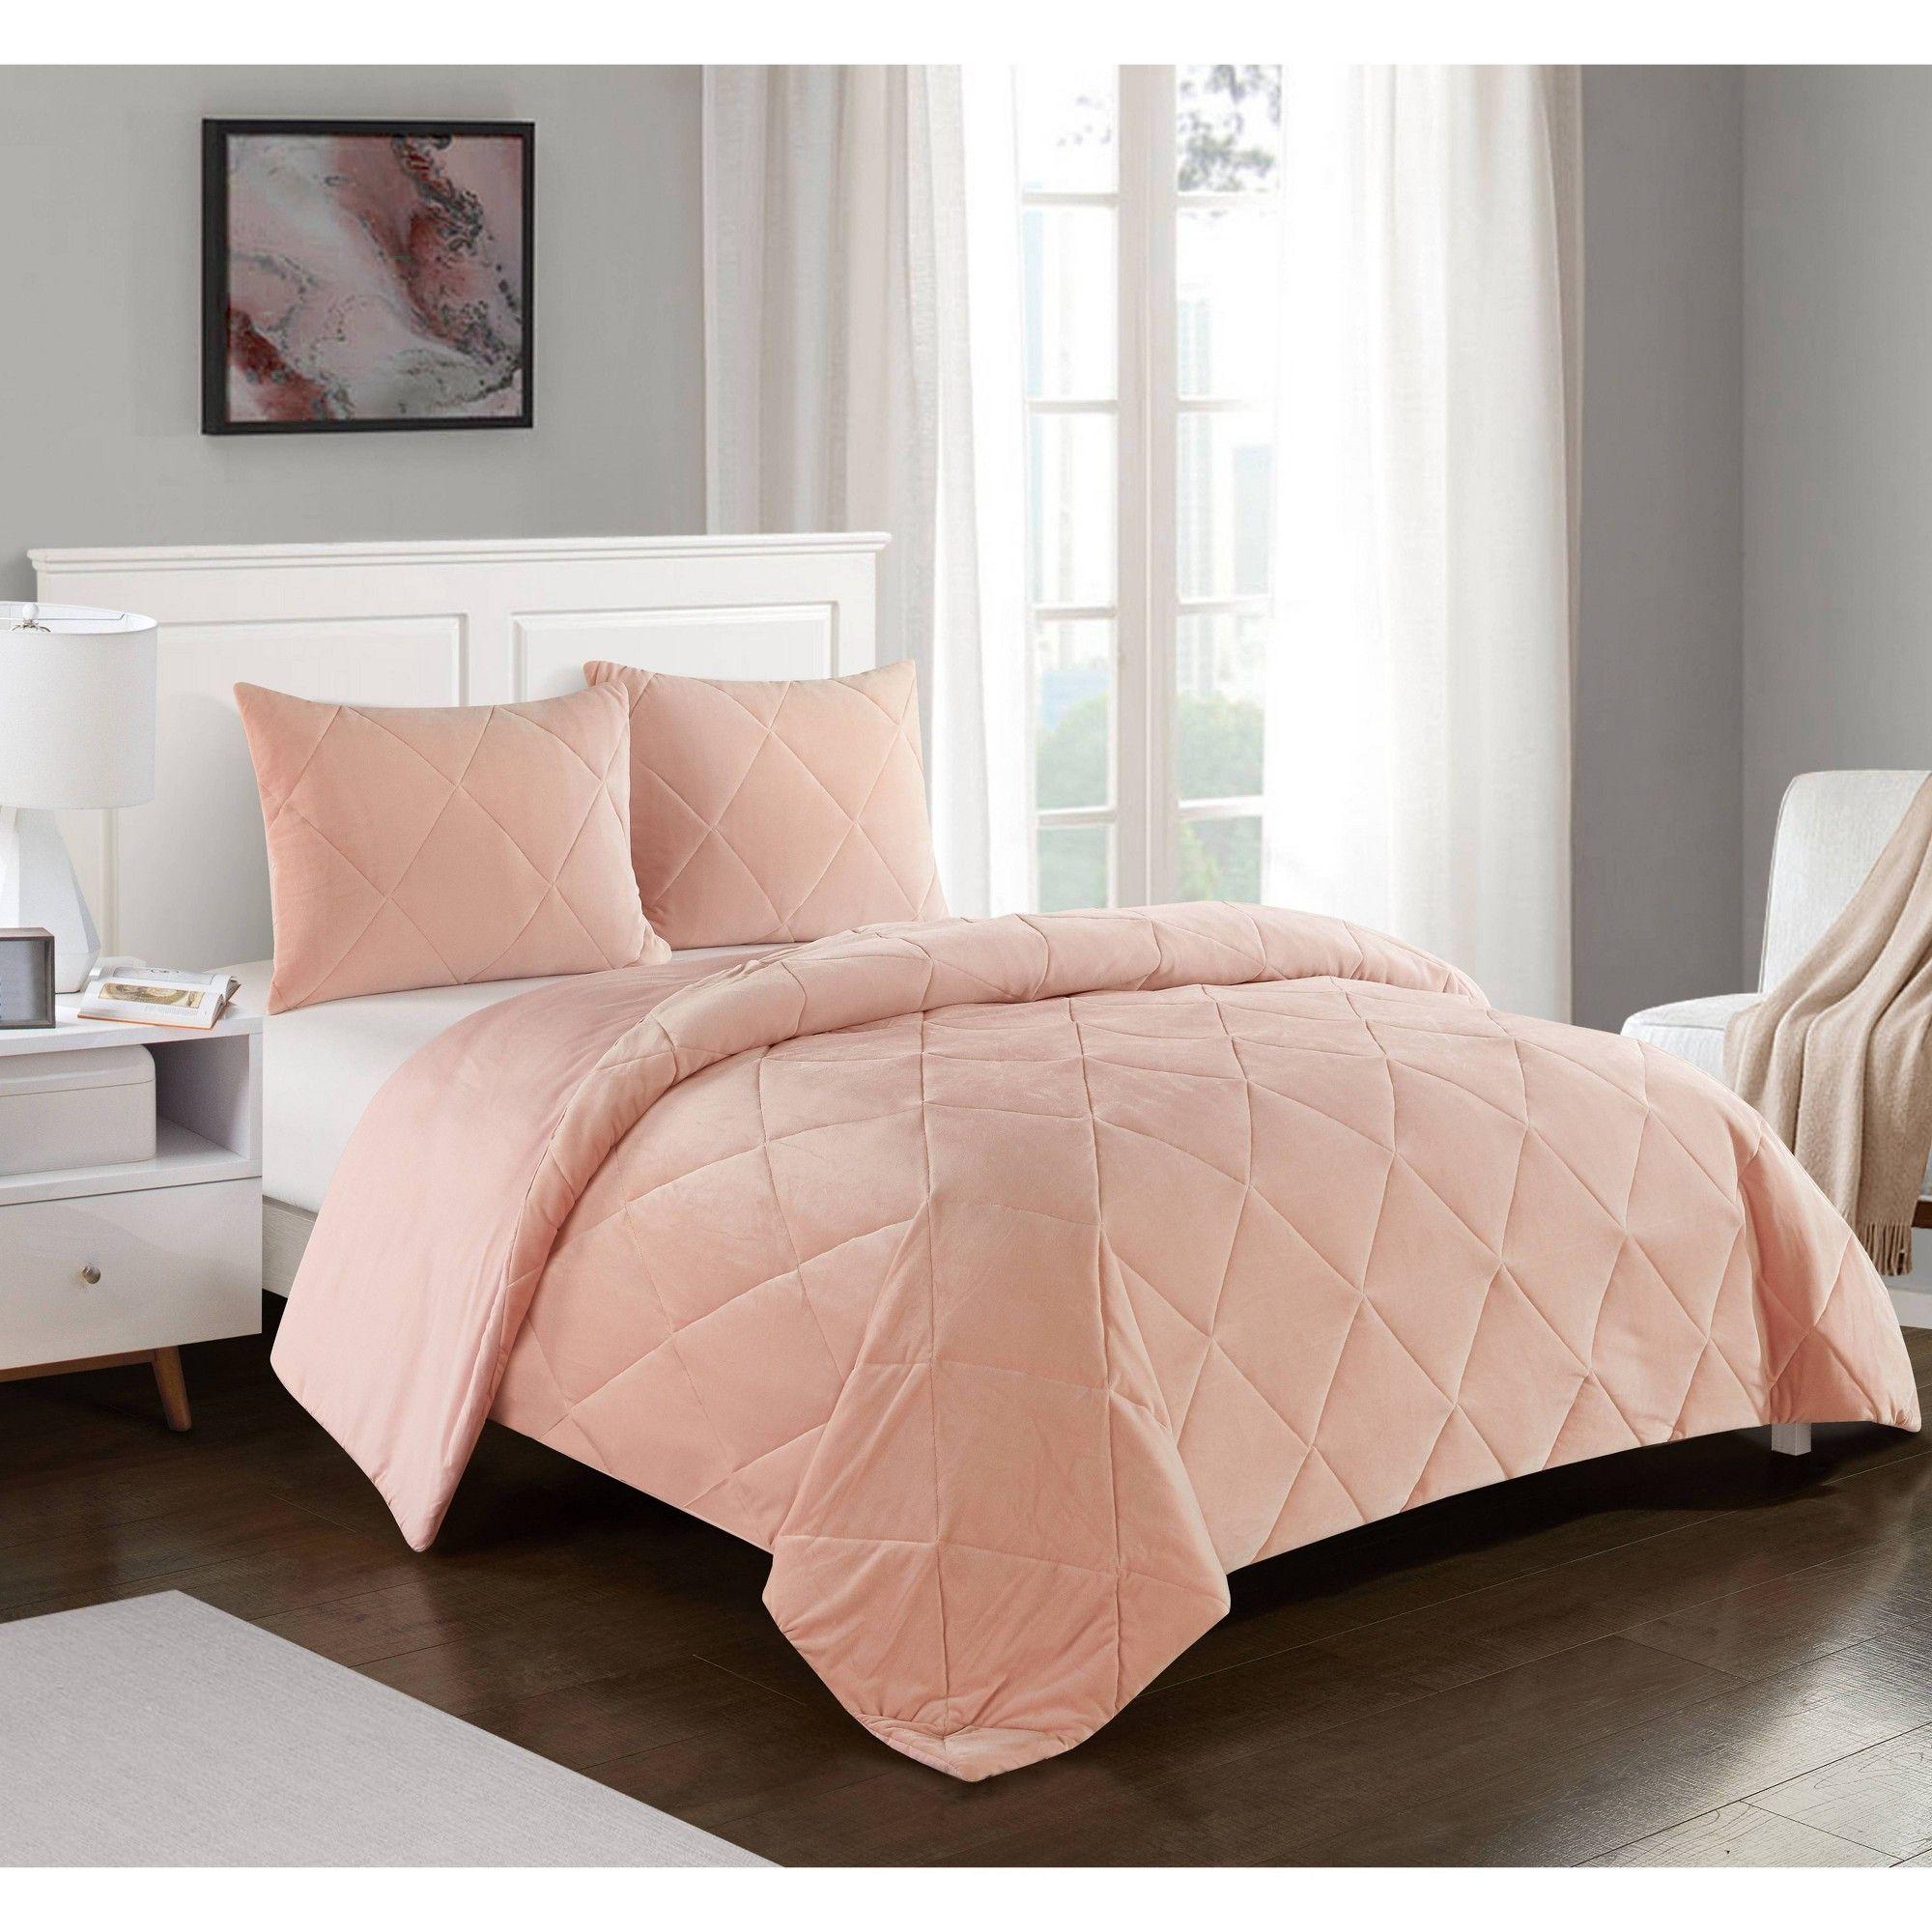 Queen Cloud Fill Comforter Set Pink - Heritage Club